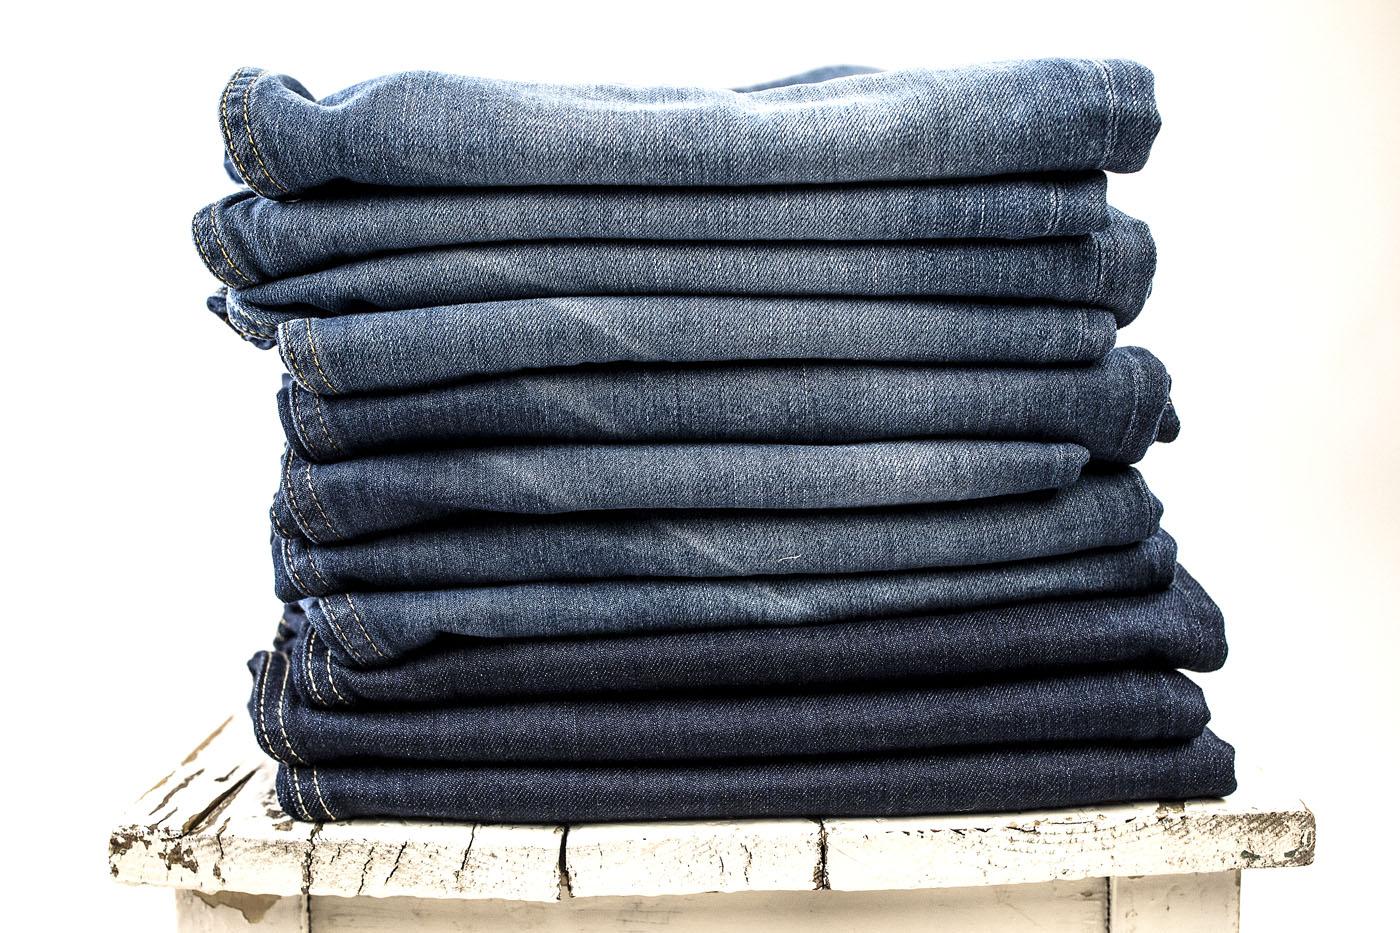 wiedemann-jeans-tallmen-00012